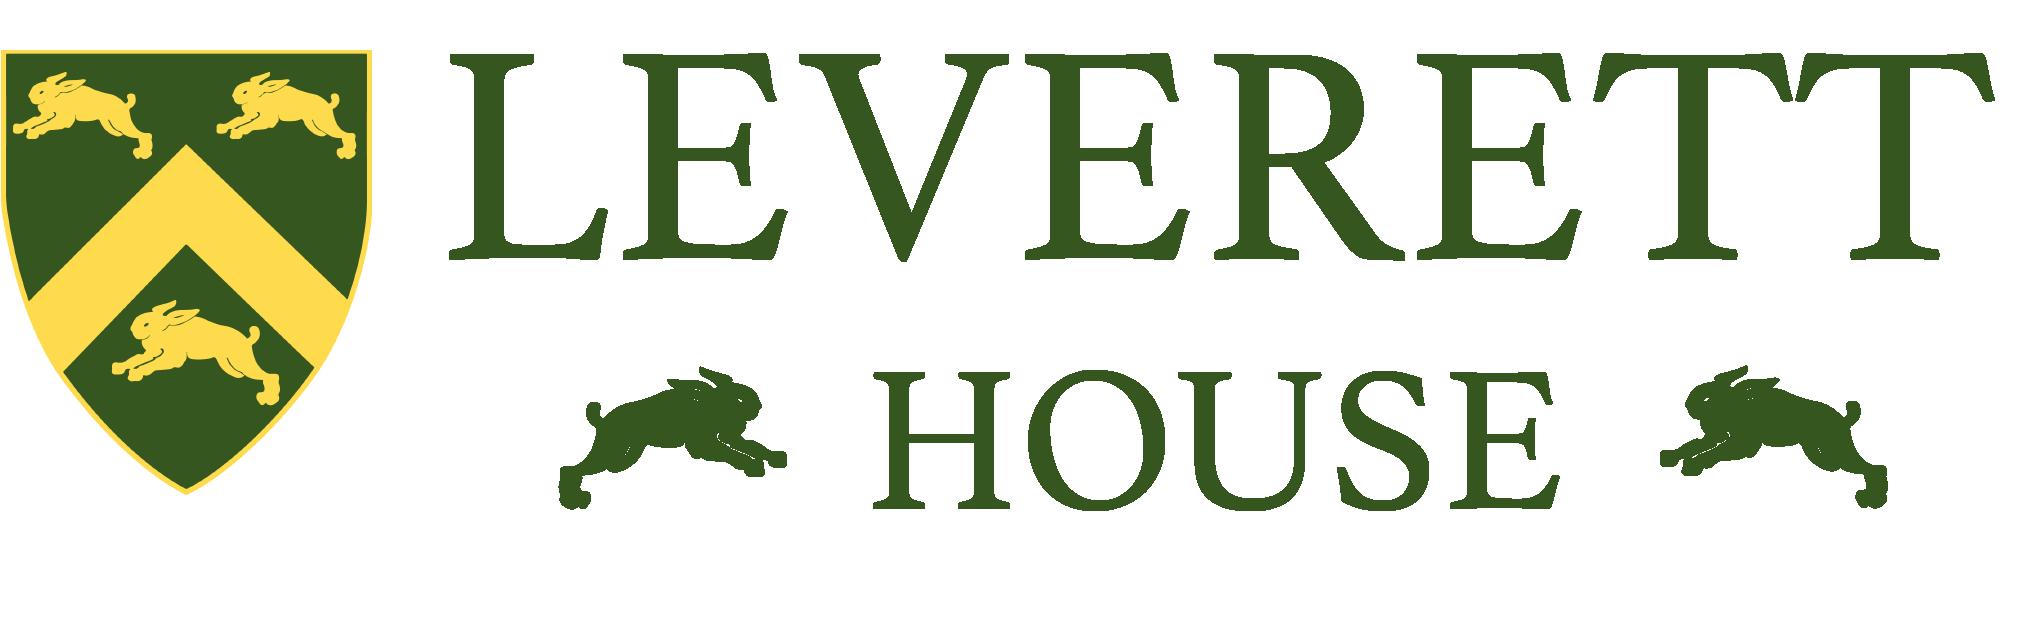 Leverett House